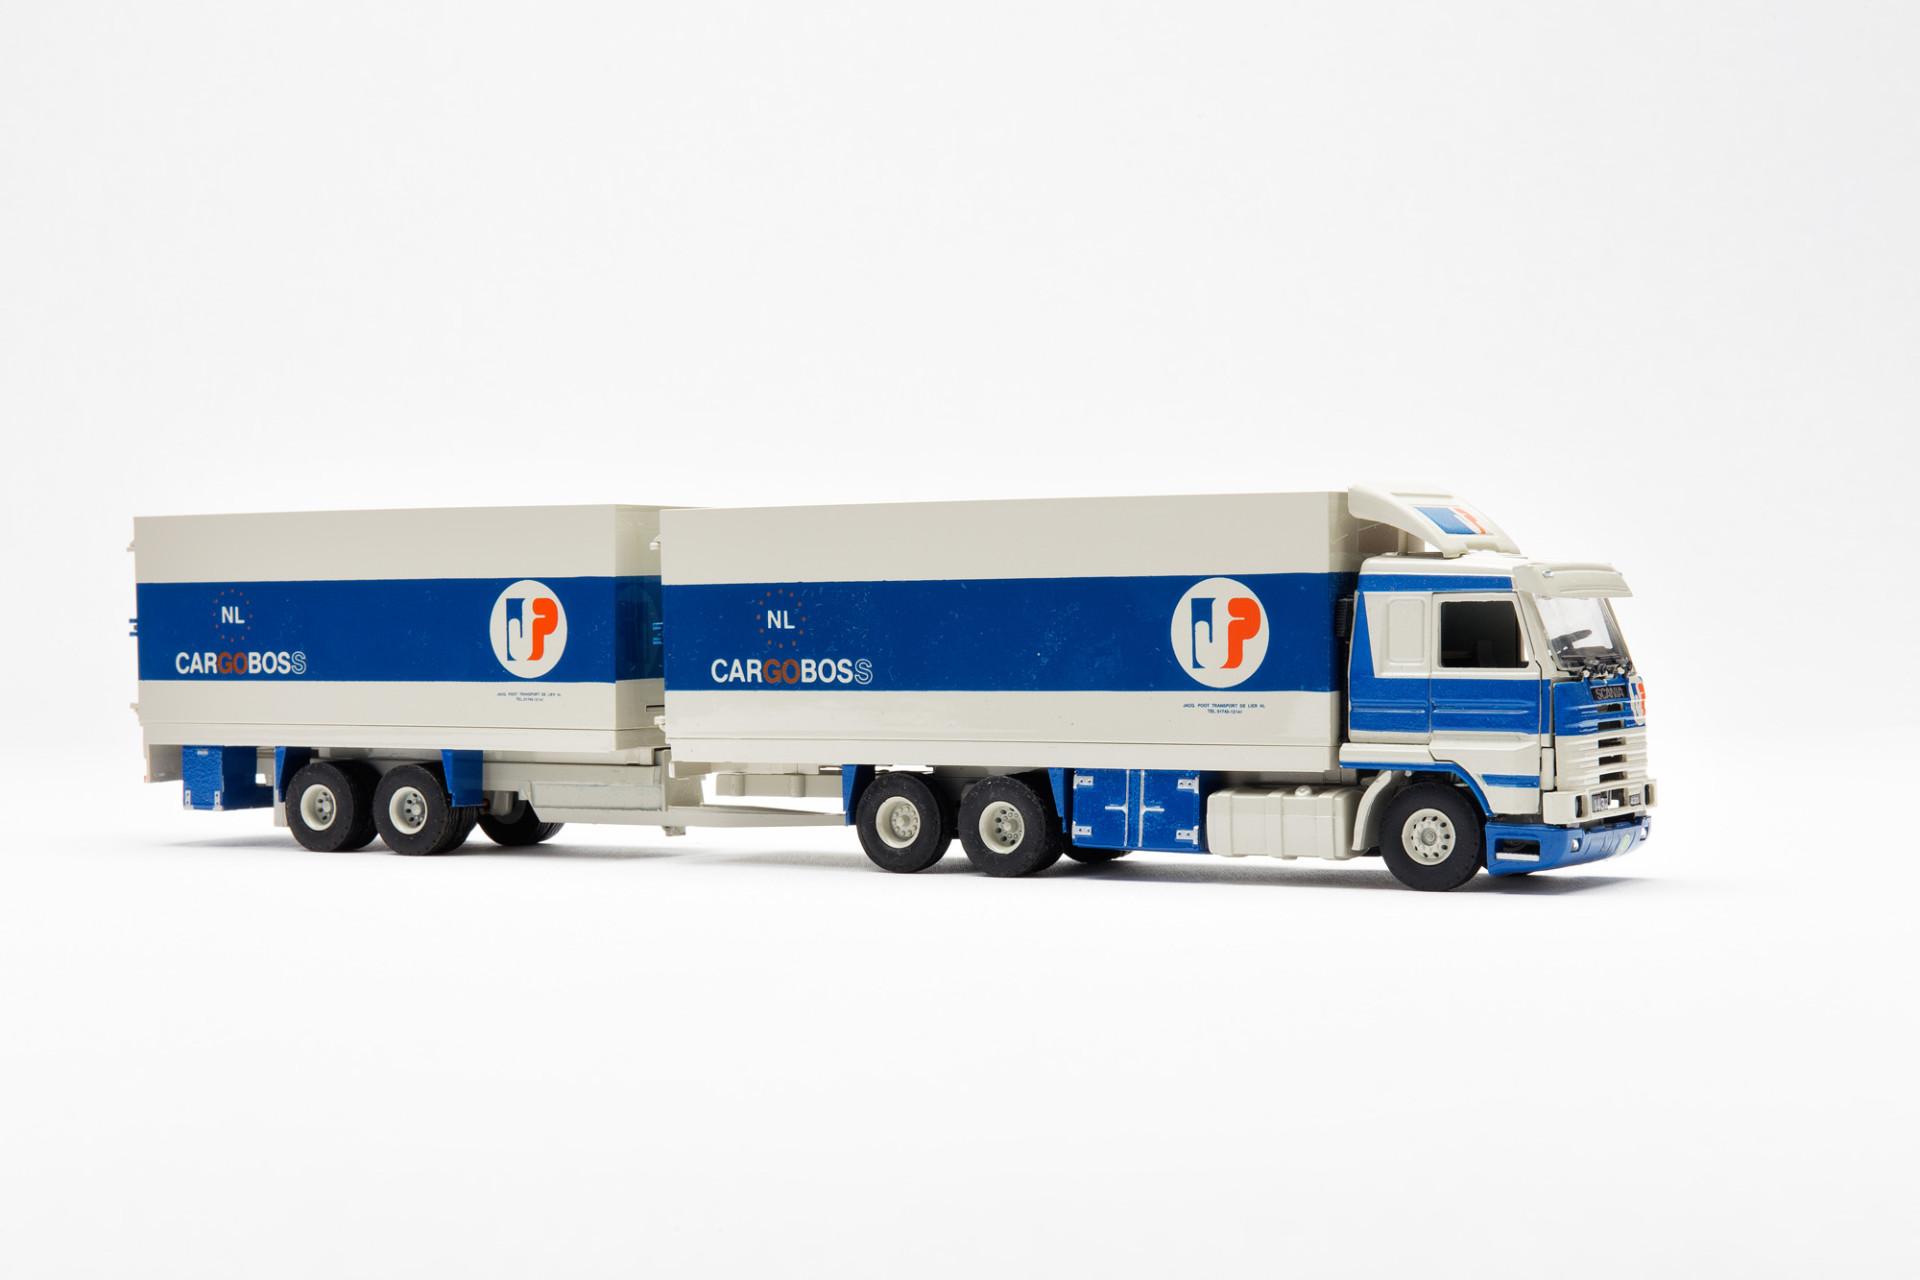 Trucks_2014-05-18_393-web